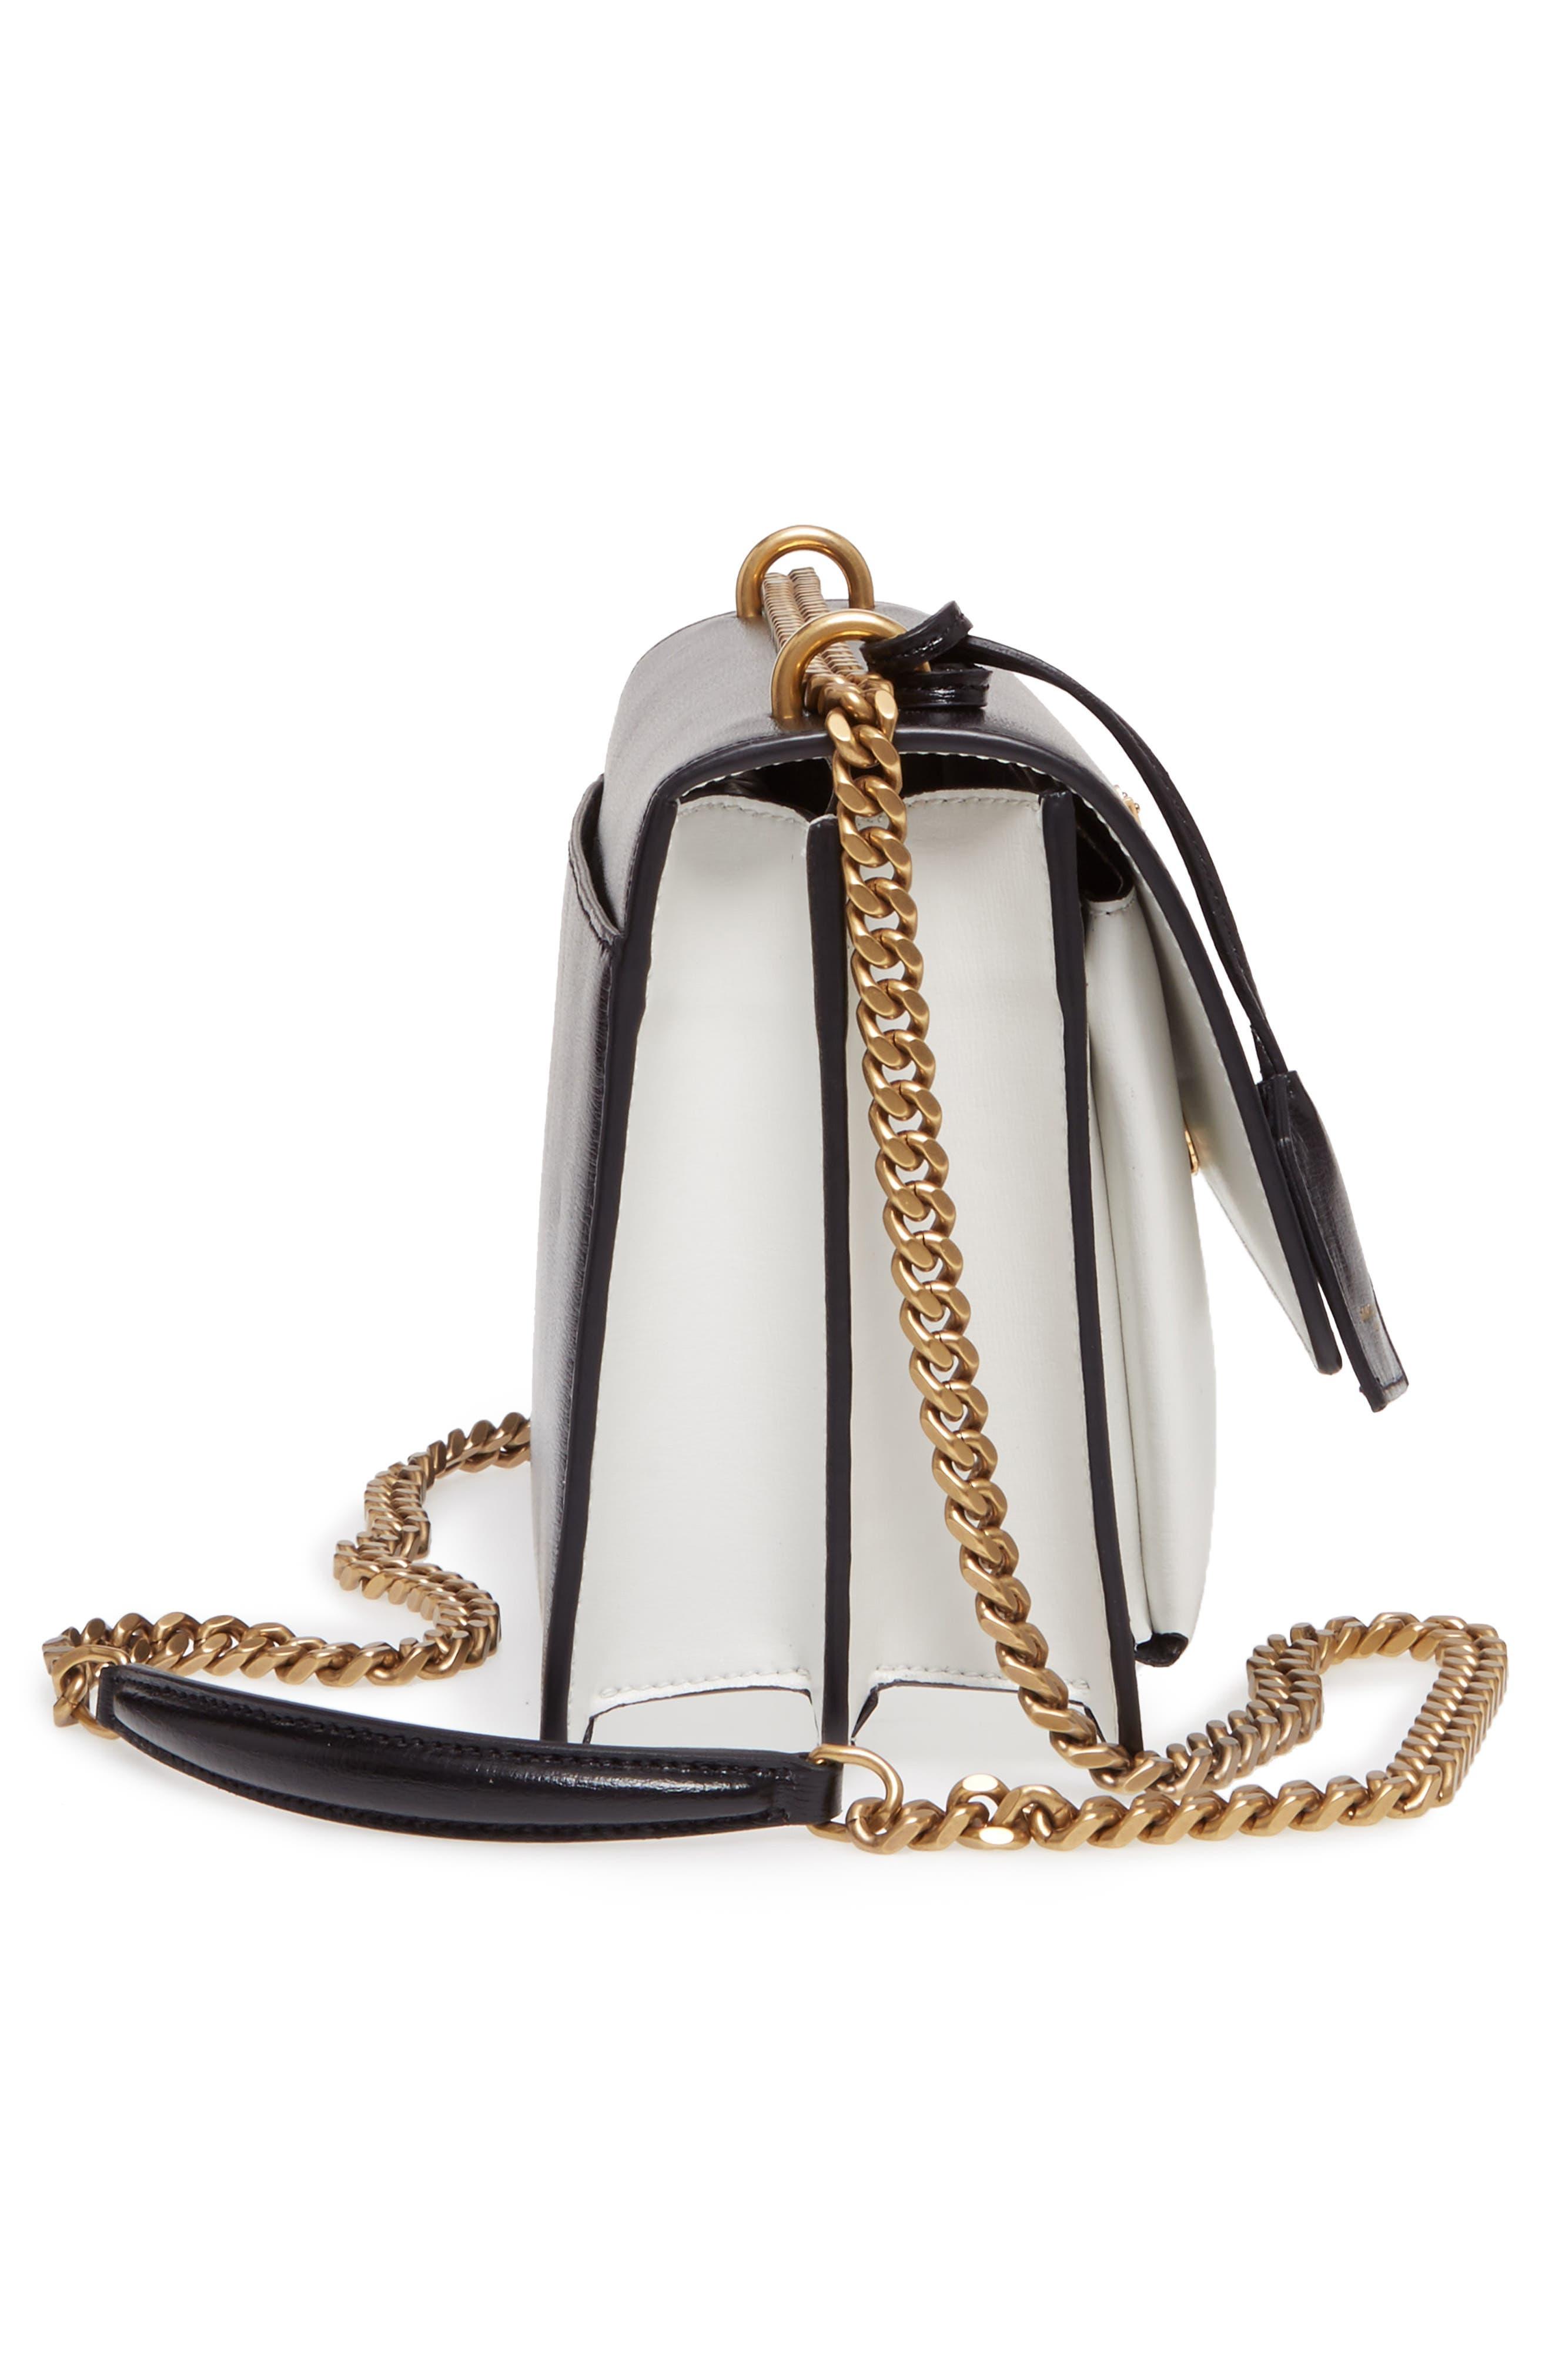 Medium Sunset Leather Shoulder Bag,                             Alternate thumbnail 5, color,                             001